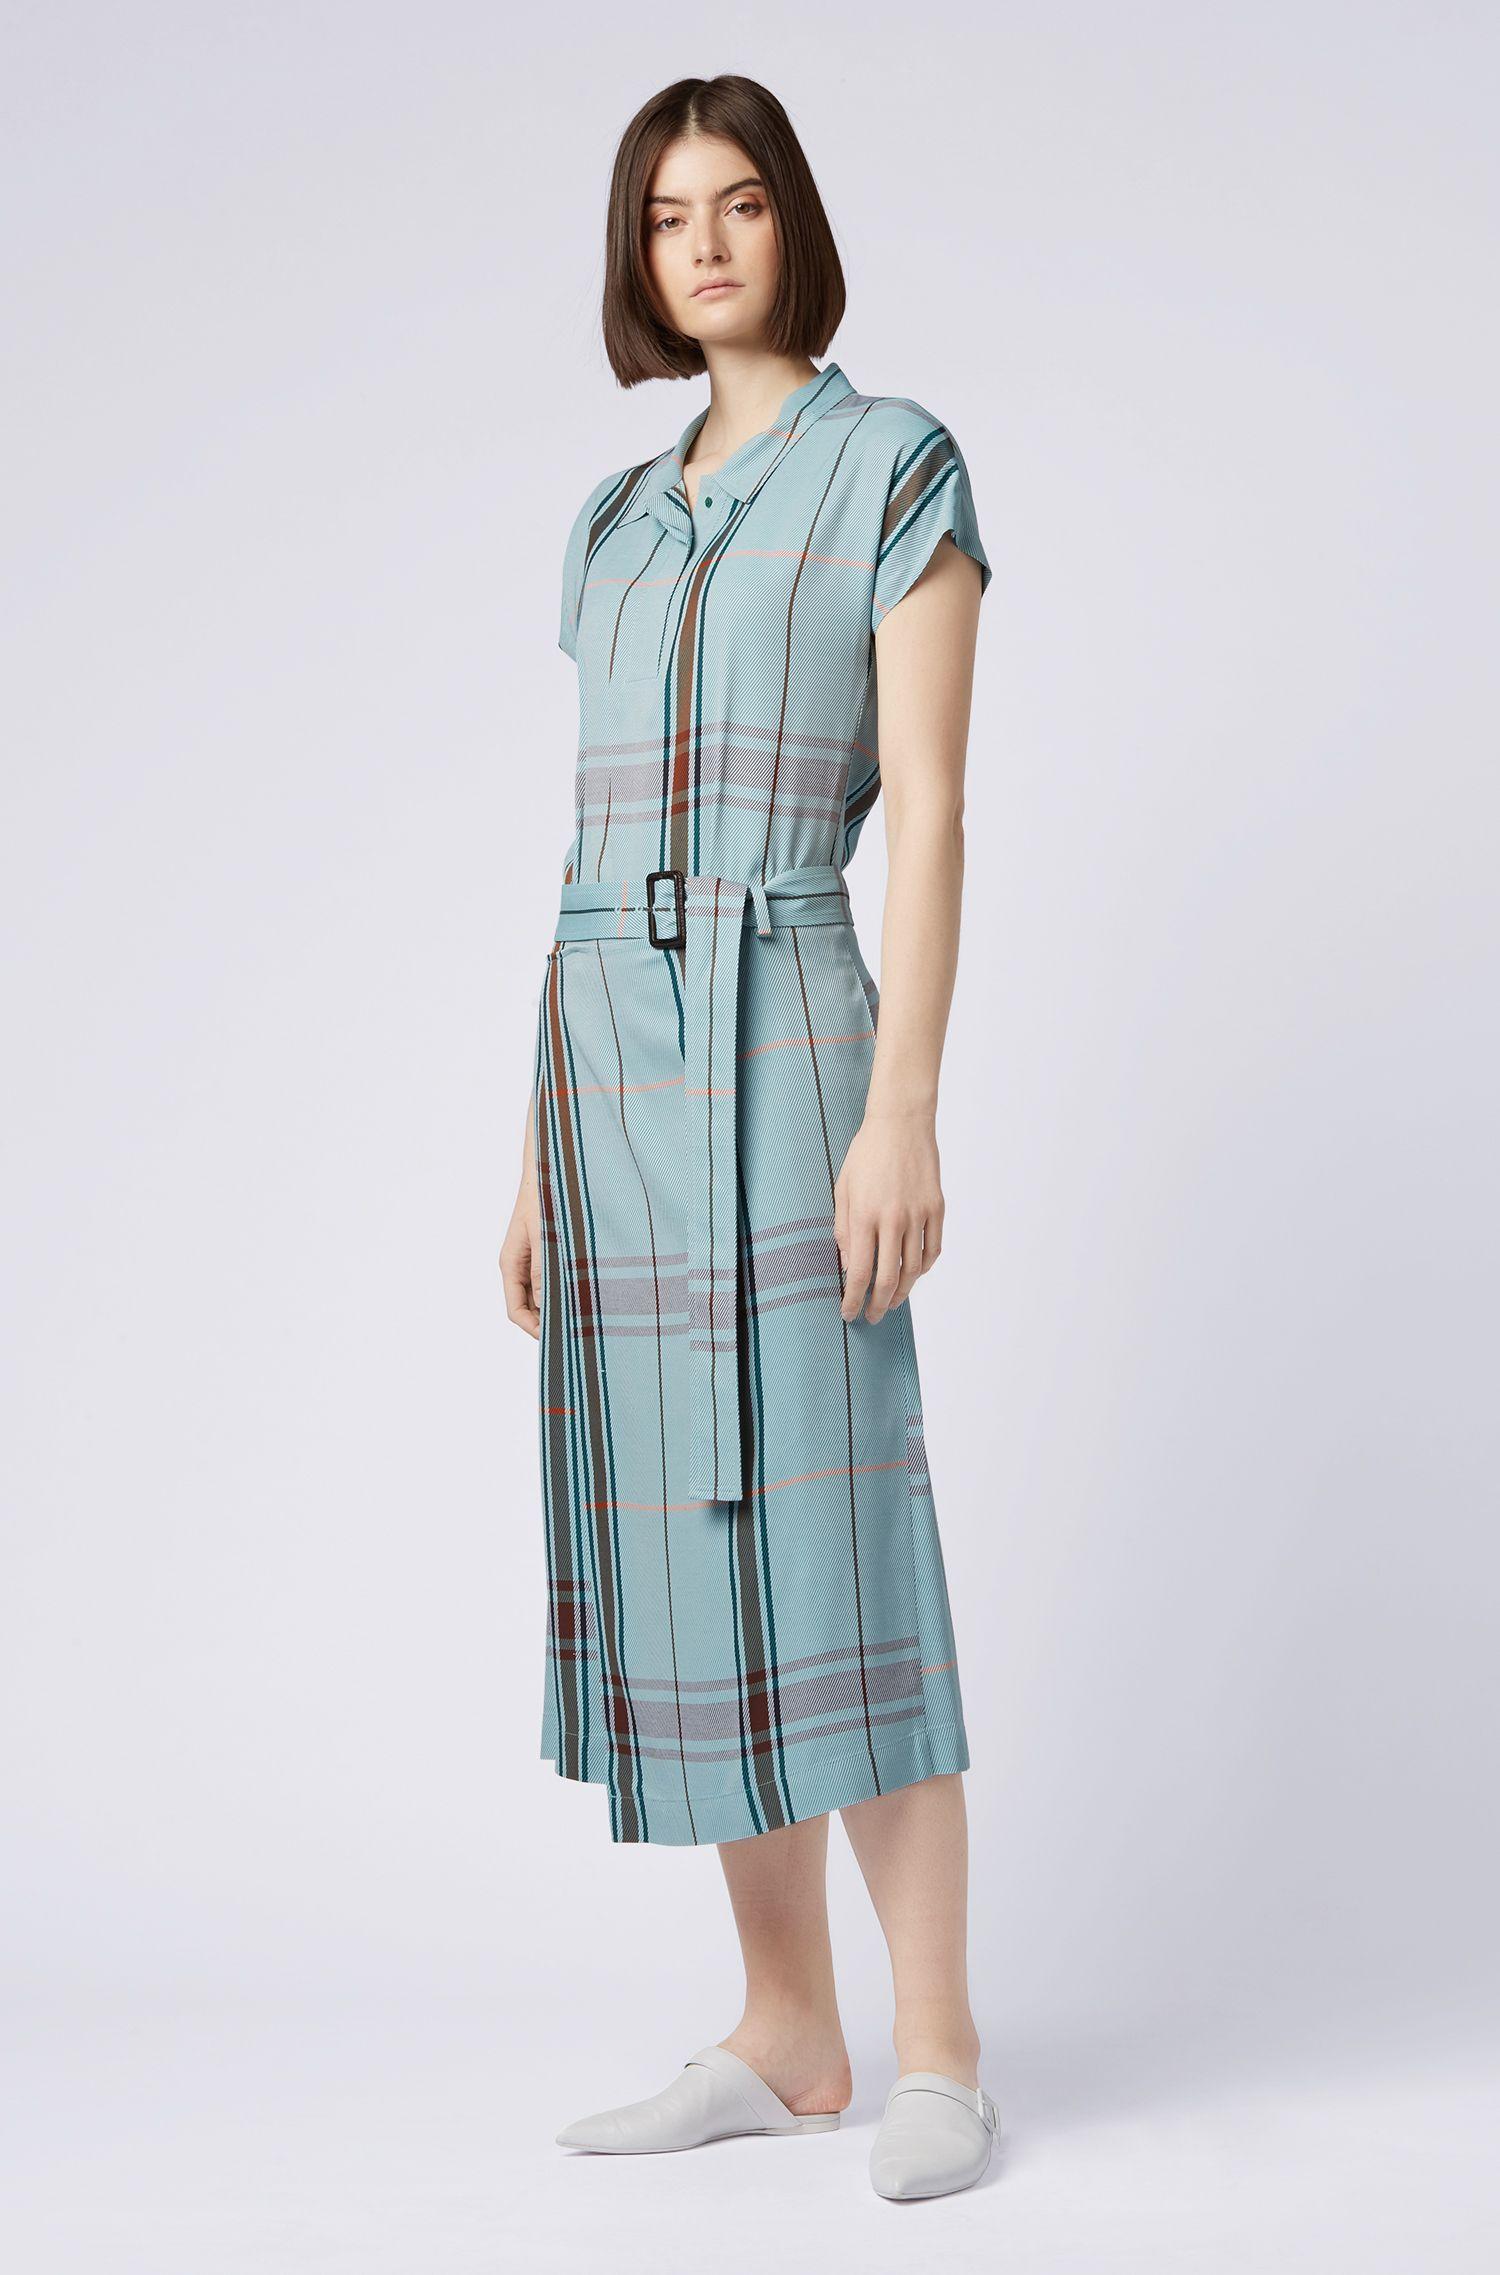 Robe-chemise Relaxed Fit à carreaux, avec jupe portefeuille, Fantaisie